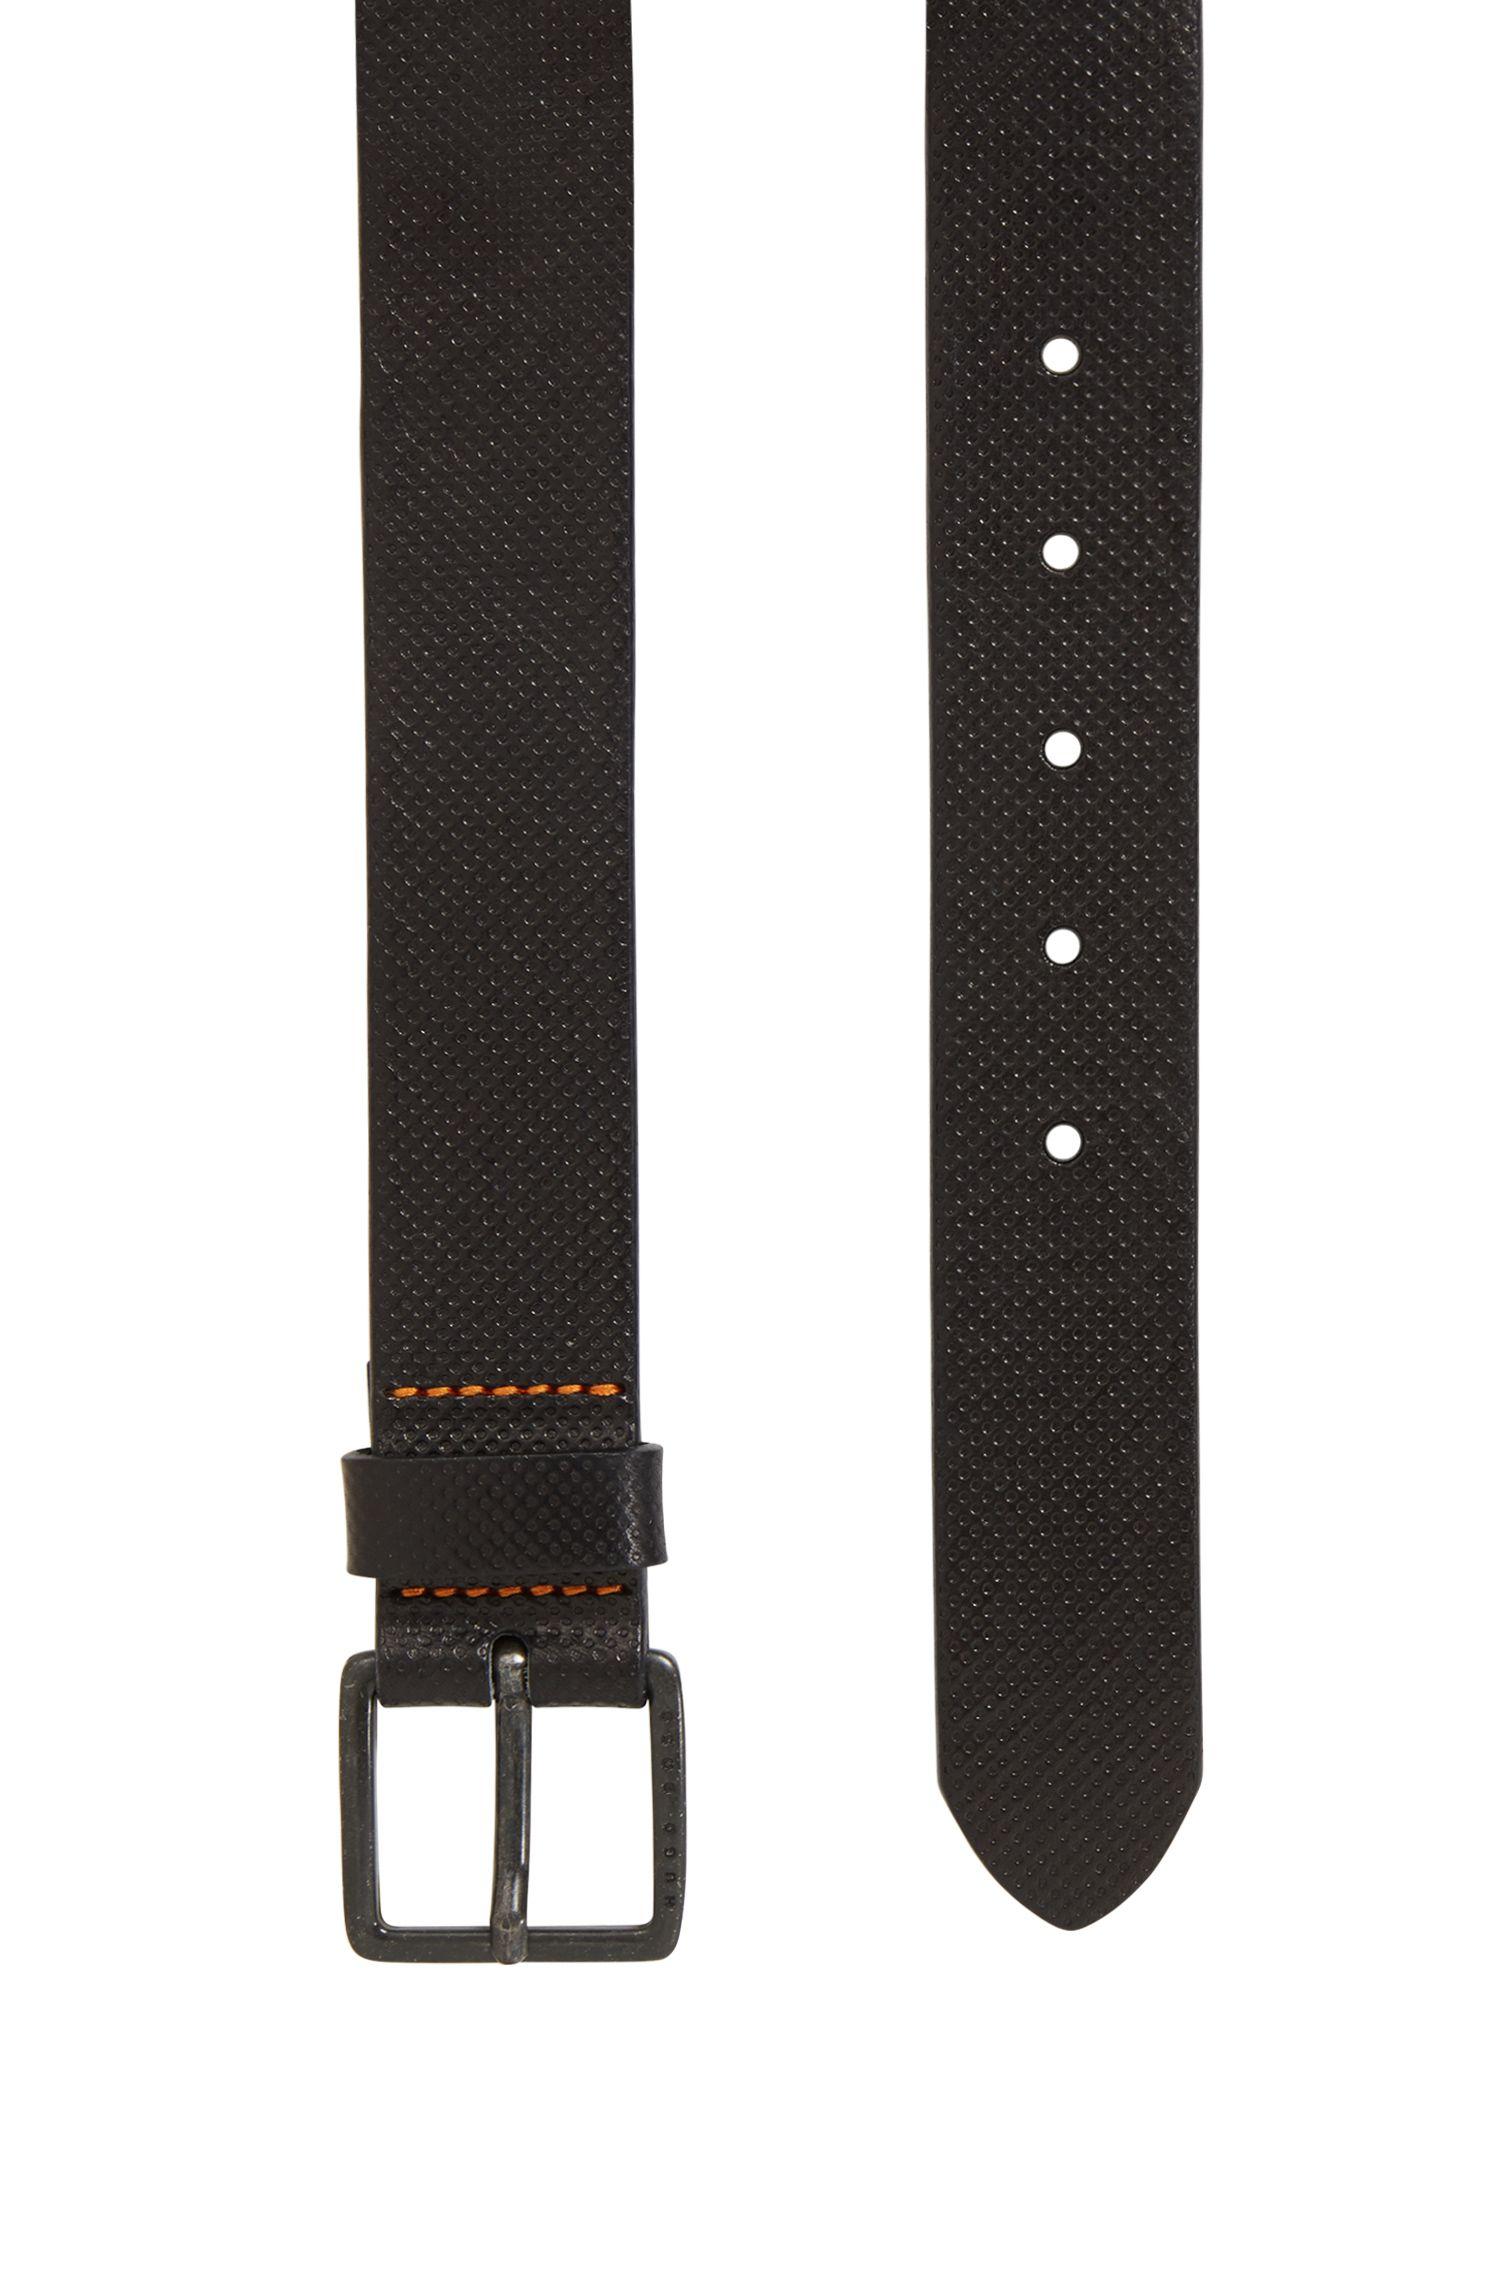 Geprägter Ledergürtel mit einer gebrandeten Metallschließe